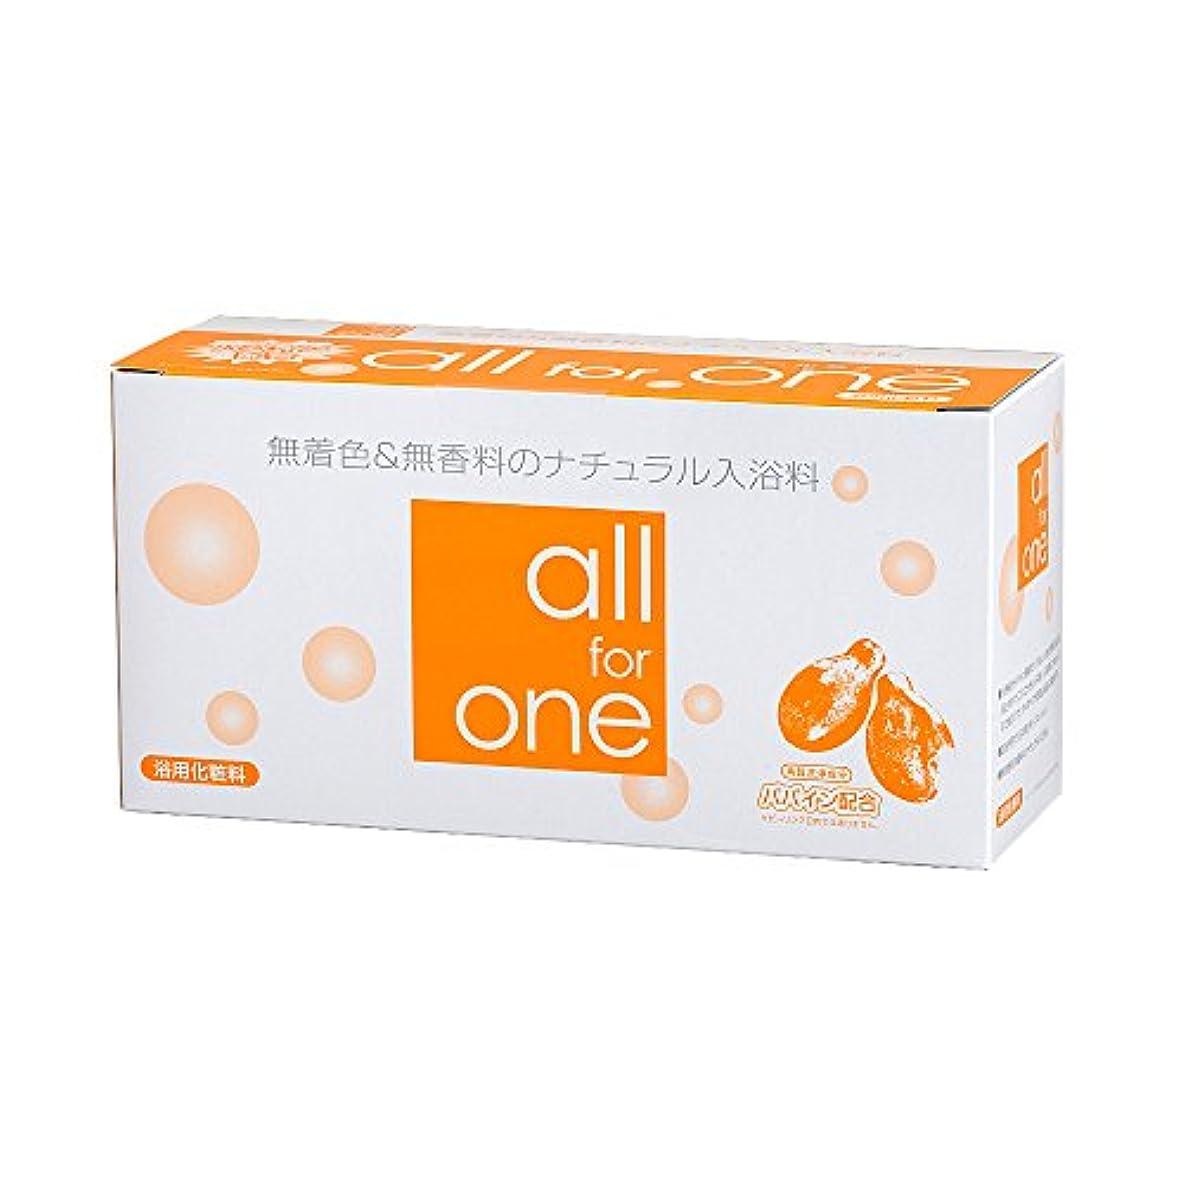 弾丸重荷食い違いパパイン酵素配合 無着色&無香料 ナチュラル入浴剤 all for one 30包